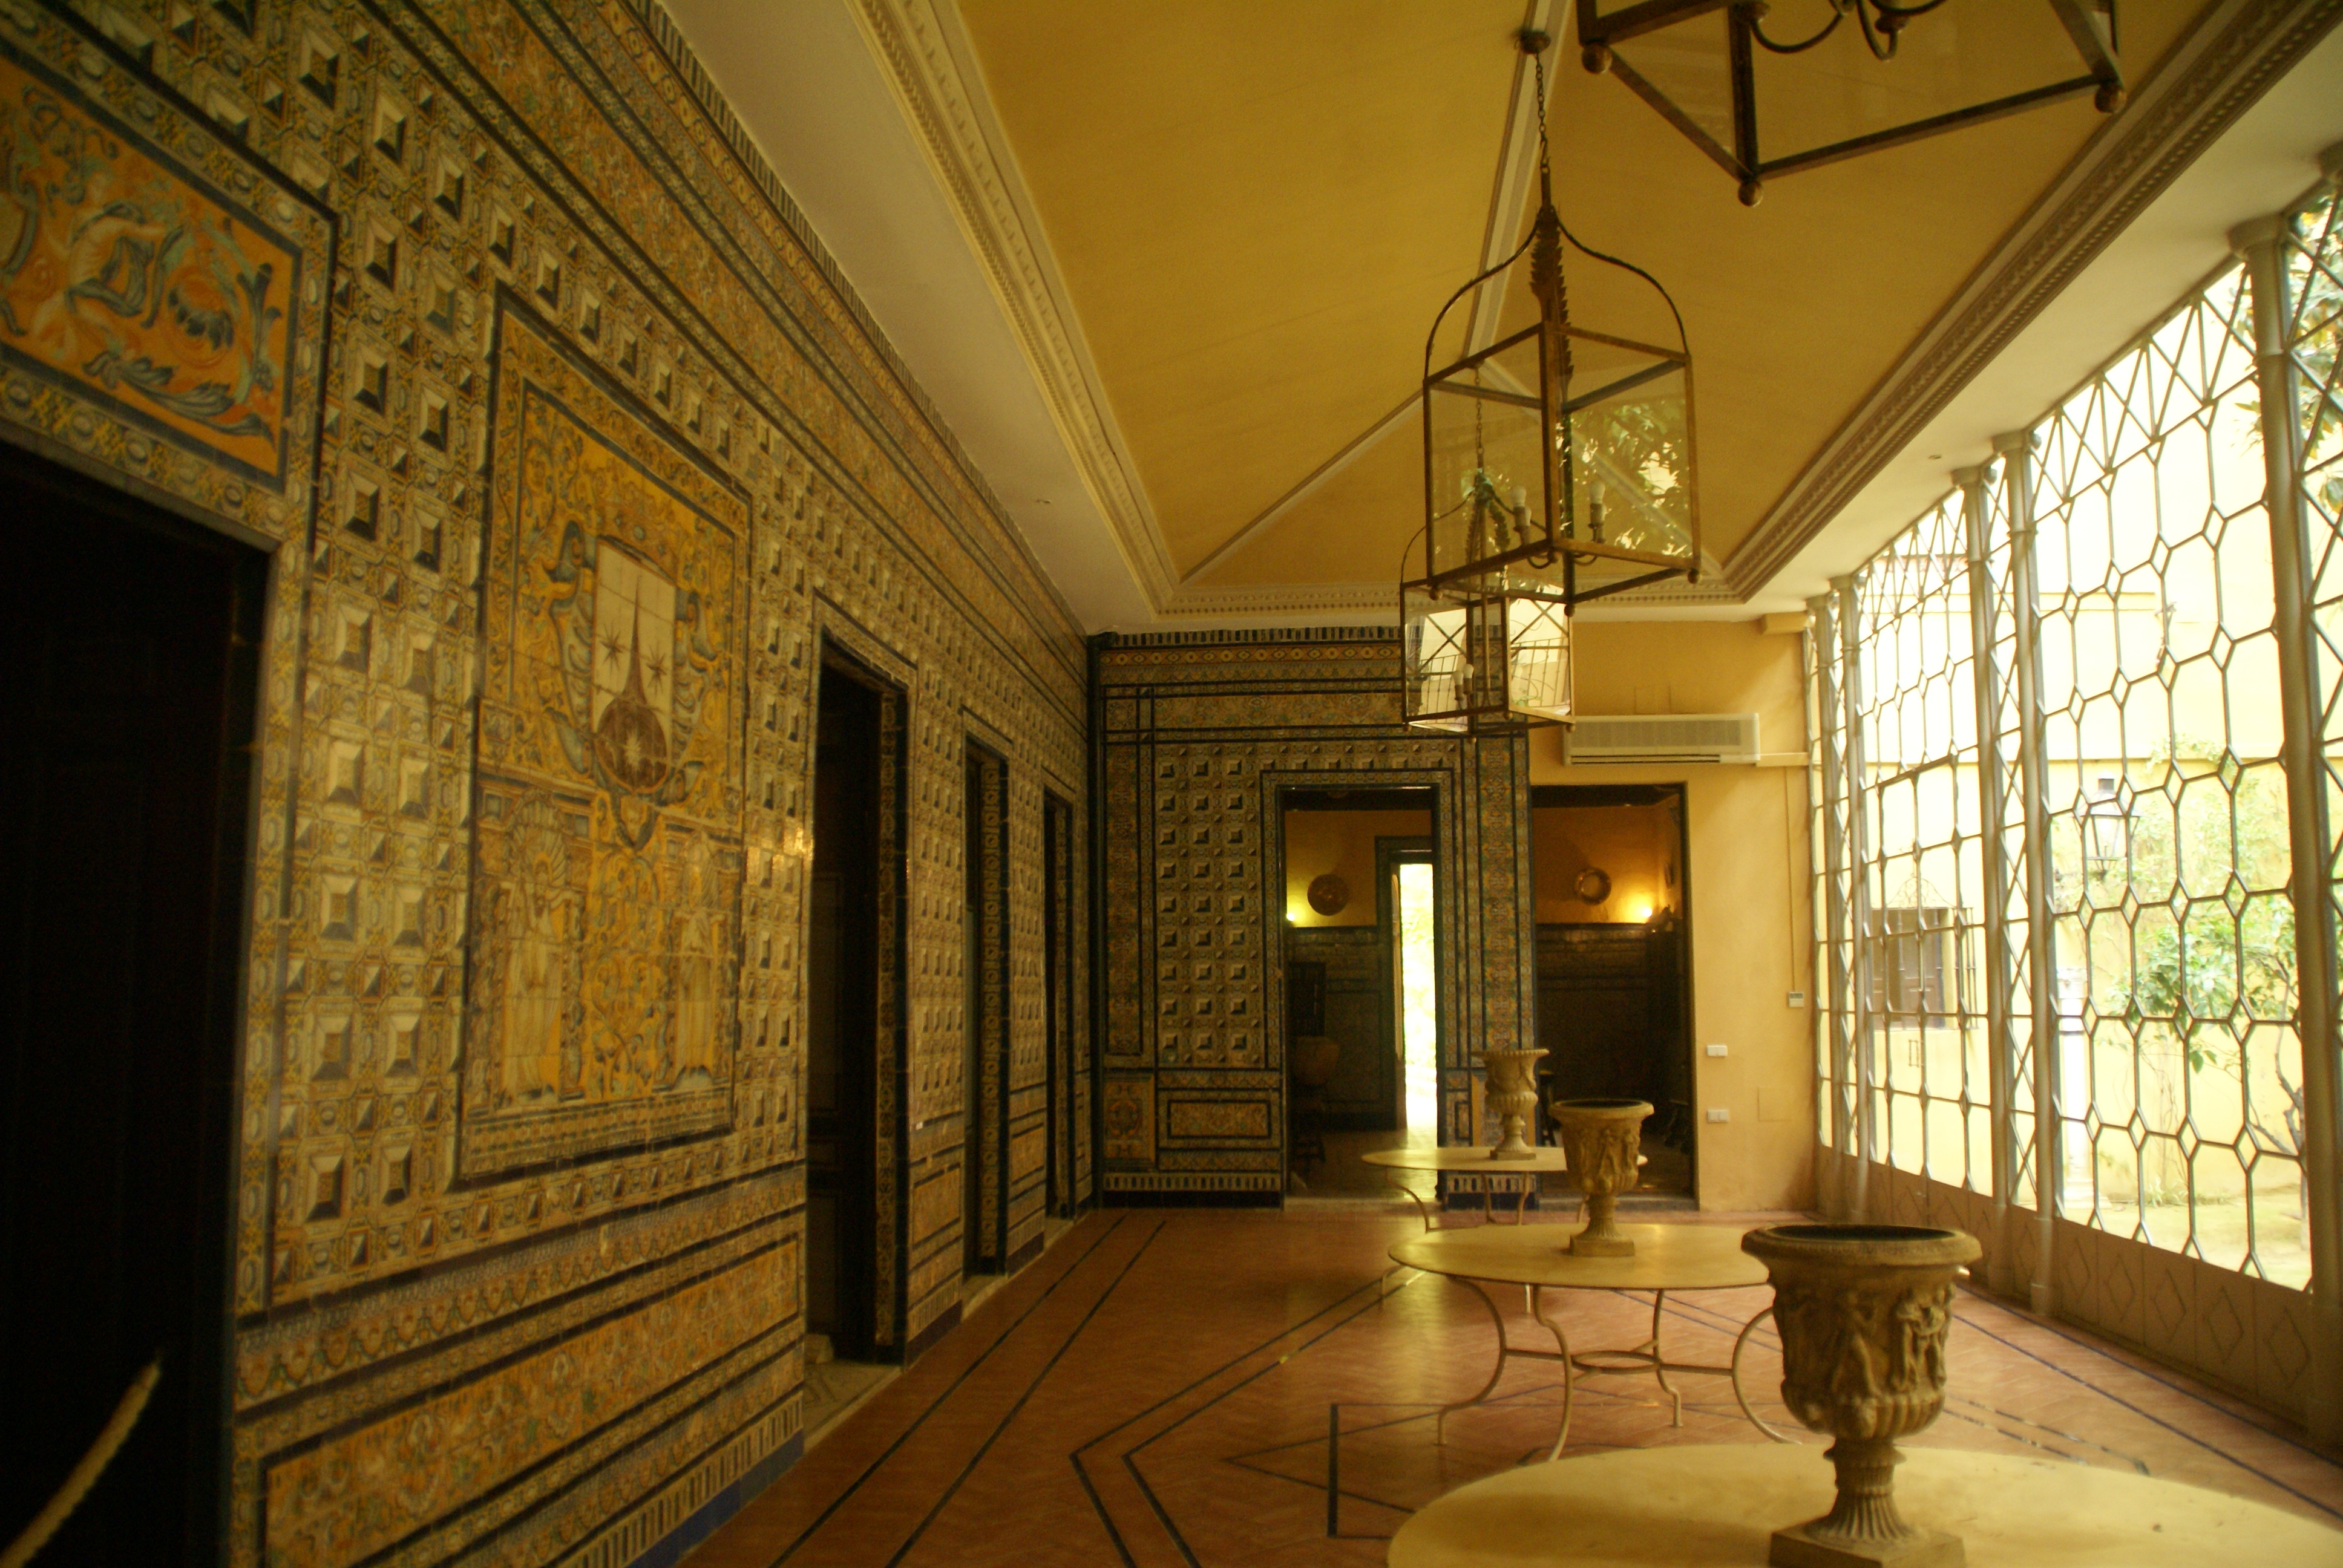 Casas palacio sevillanas un placer para los sentidos descubra sevilla - Hotel en lebrija ...